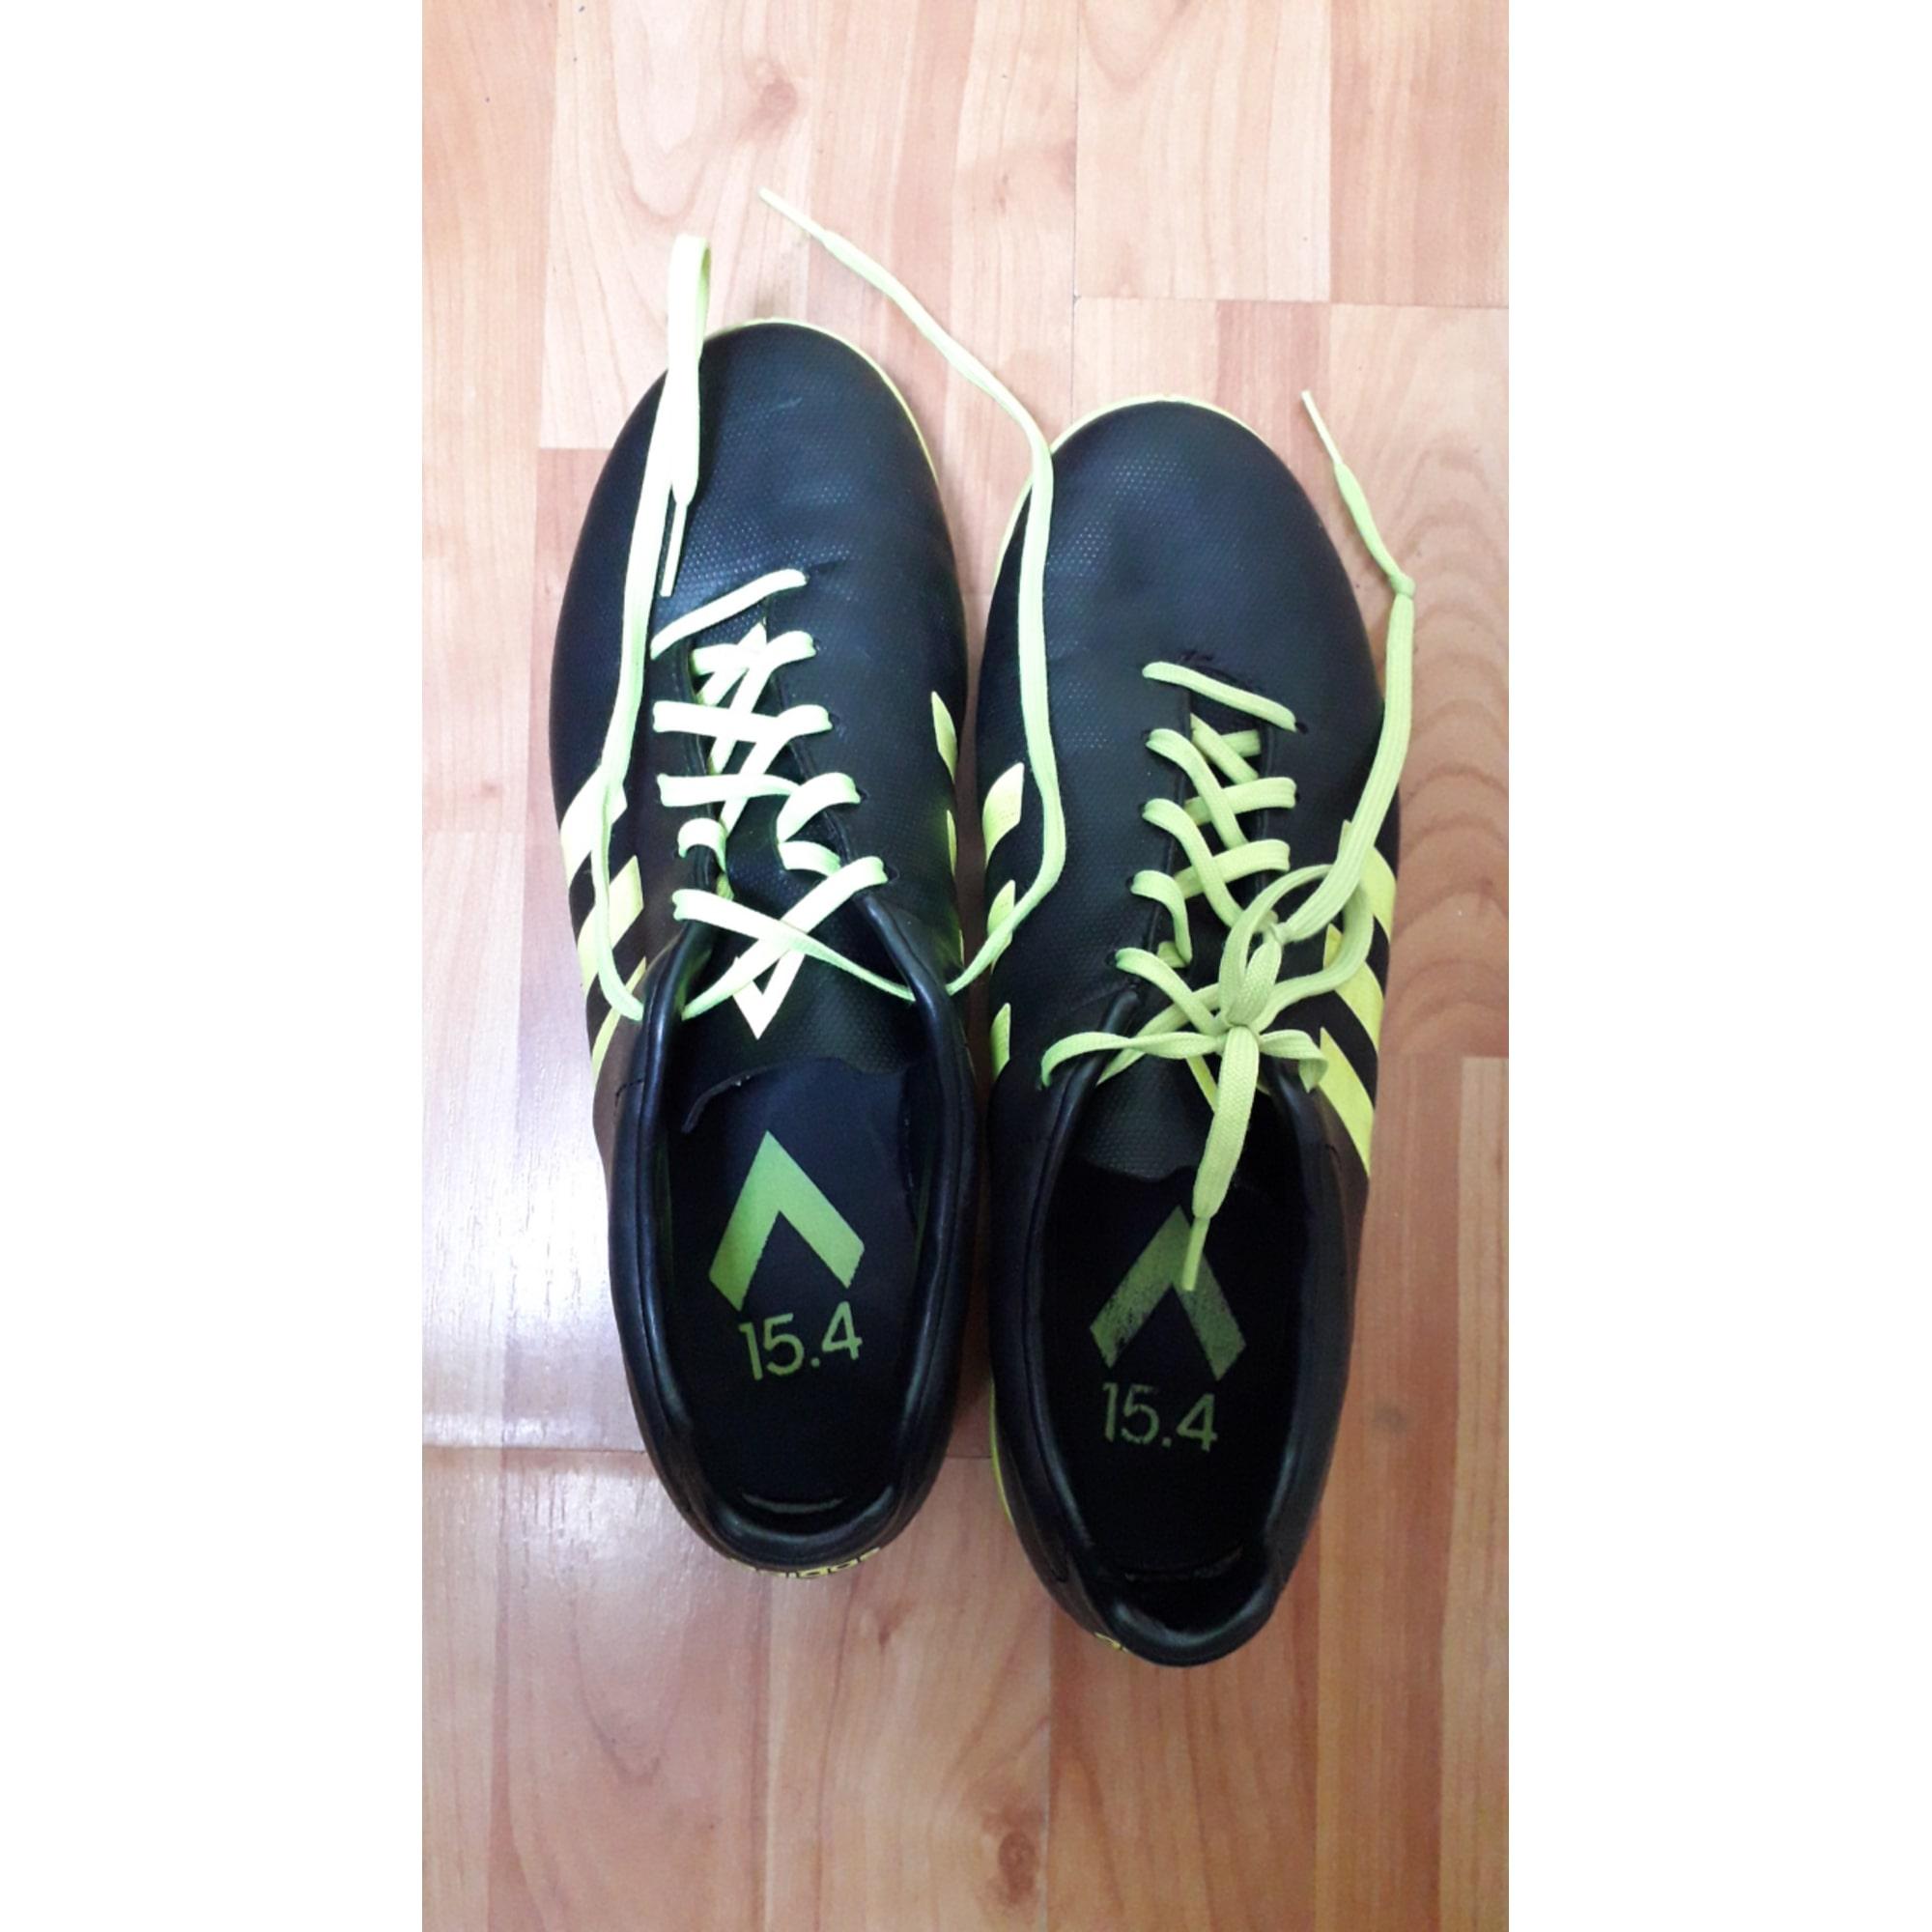 Fluo Adidas Chaussures Autre De 7876084 Et Jaune Sport Noir wOnv8N0m